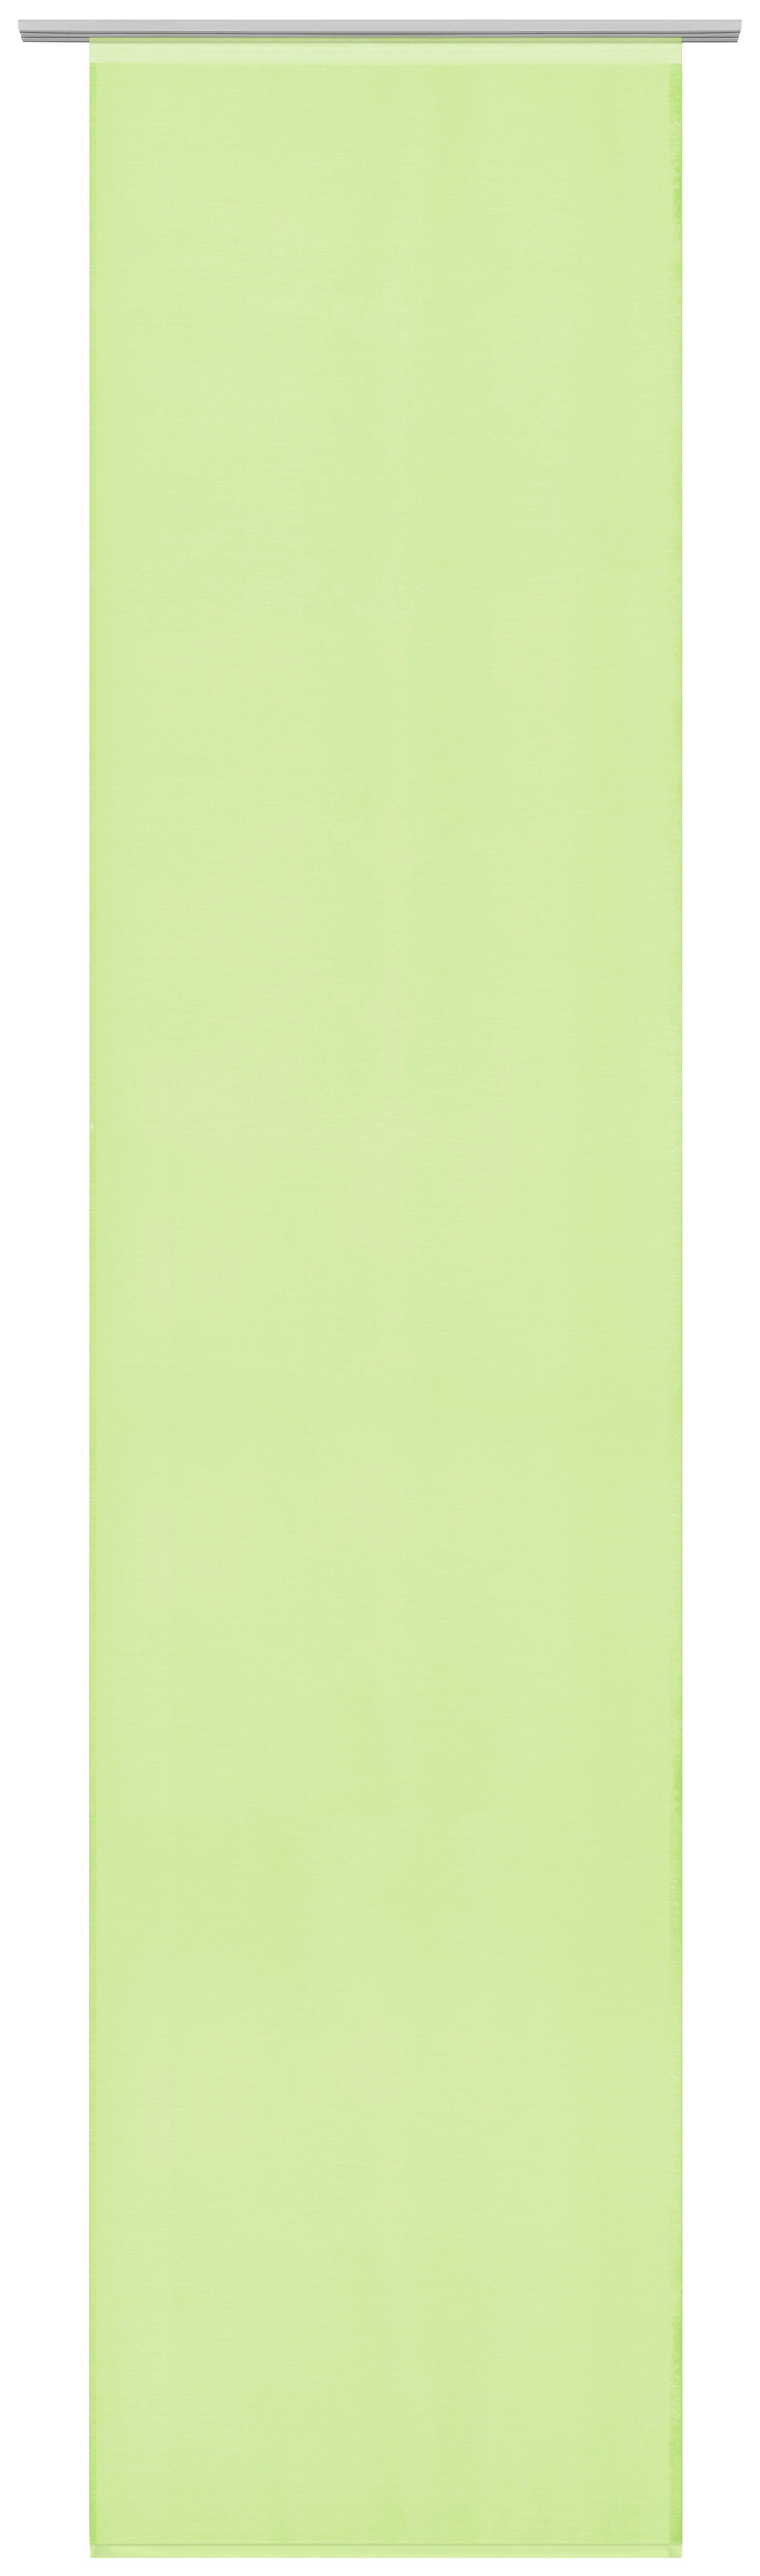 Lapfüggöny Uni - zöld, modern, textil (60/245cm) - MÖMAX modern living